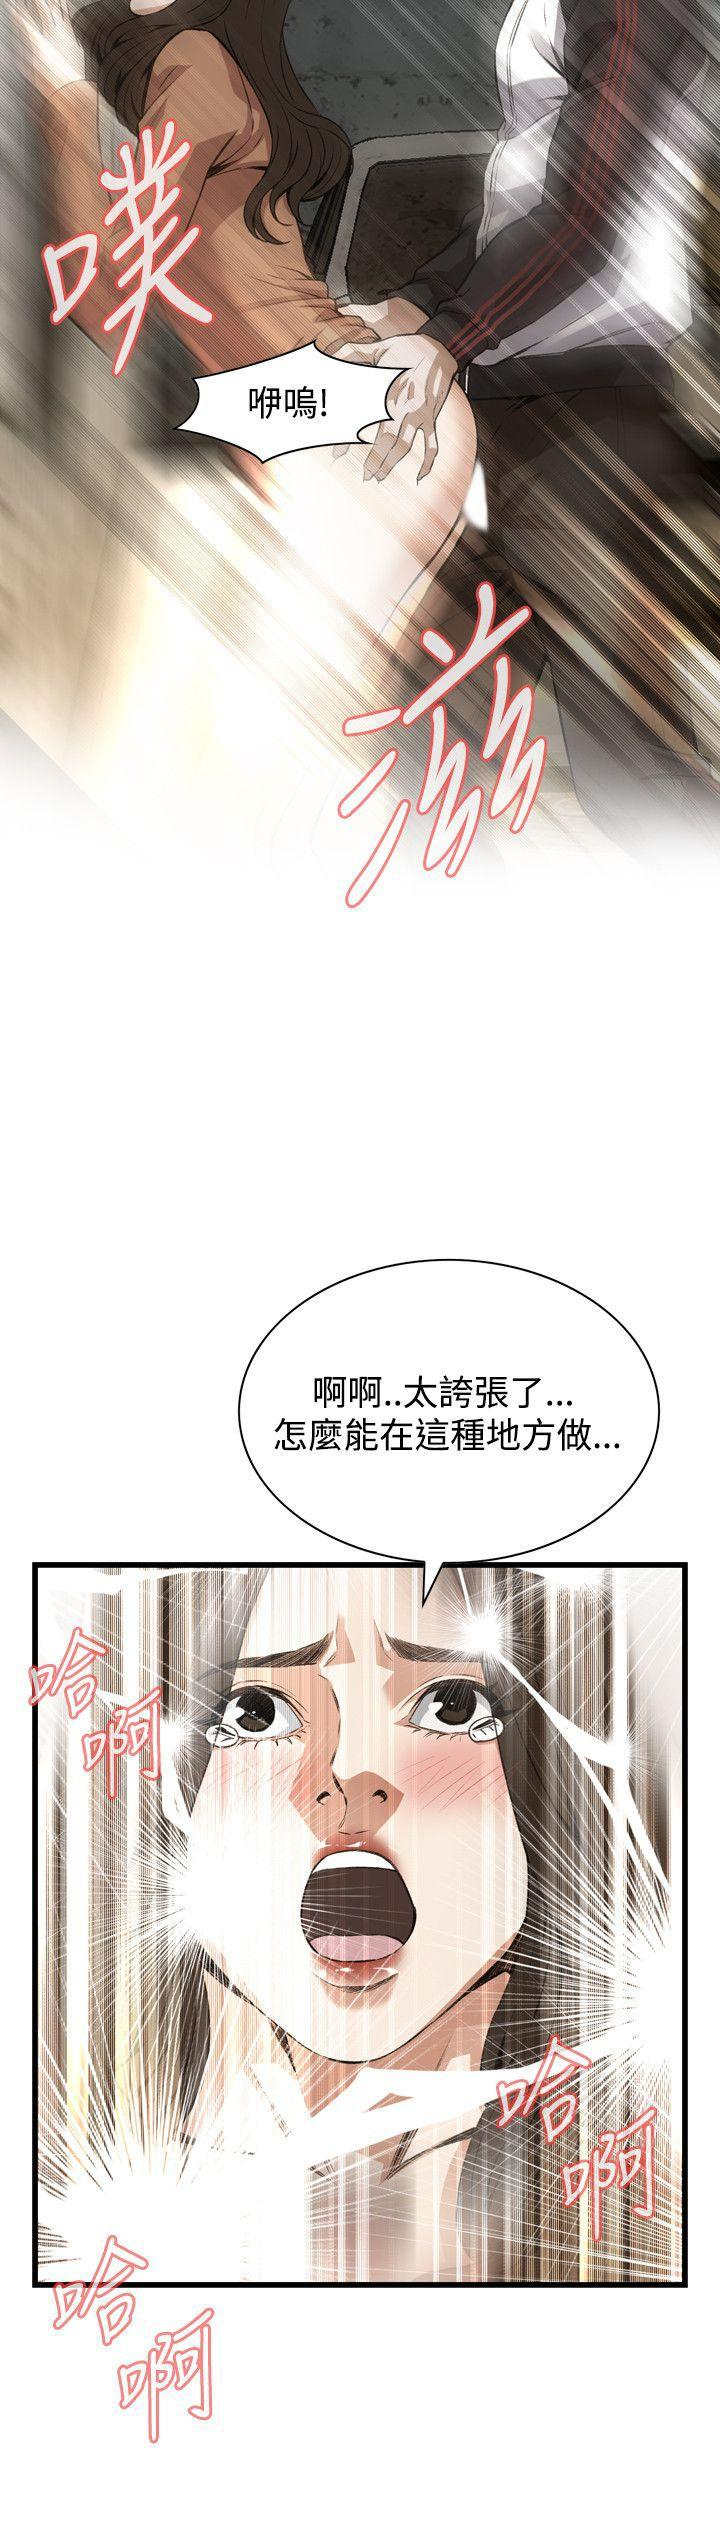 偷窥72-93 Chinese Rsiky 377